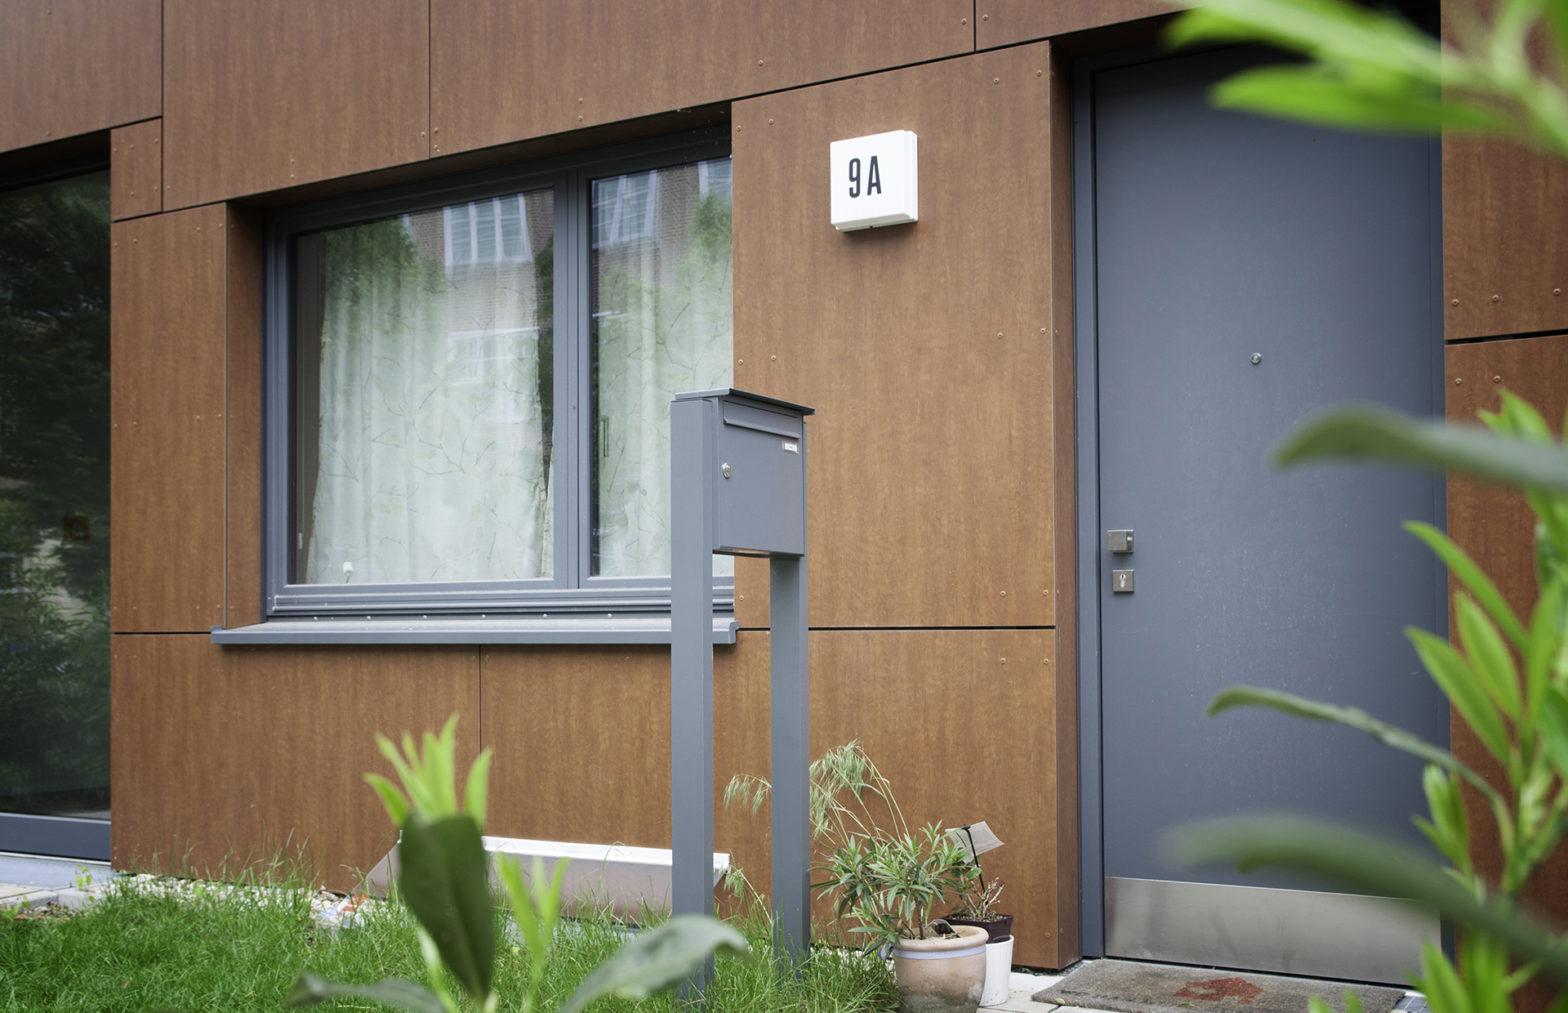 KNOBLOCH EXPRESS BOX - einteilige freistehende Briefkastenanlage mit vertikalem Kasten, mit Verkleidung RI 244 (FS10-244)